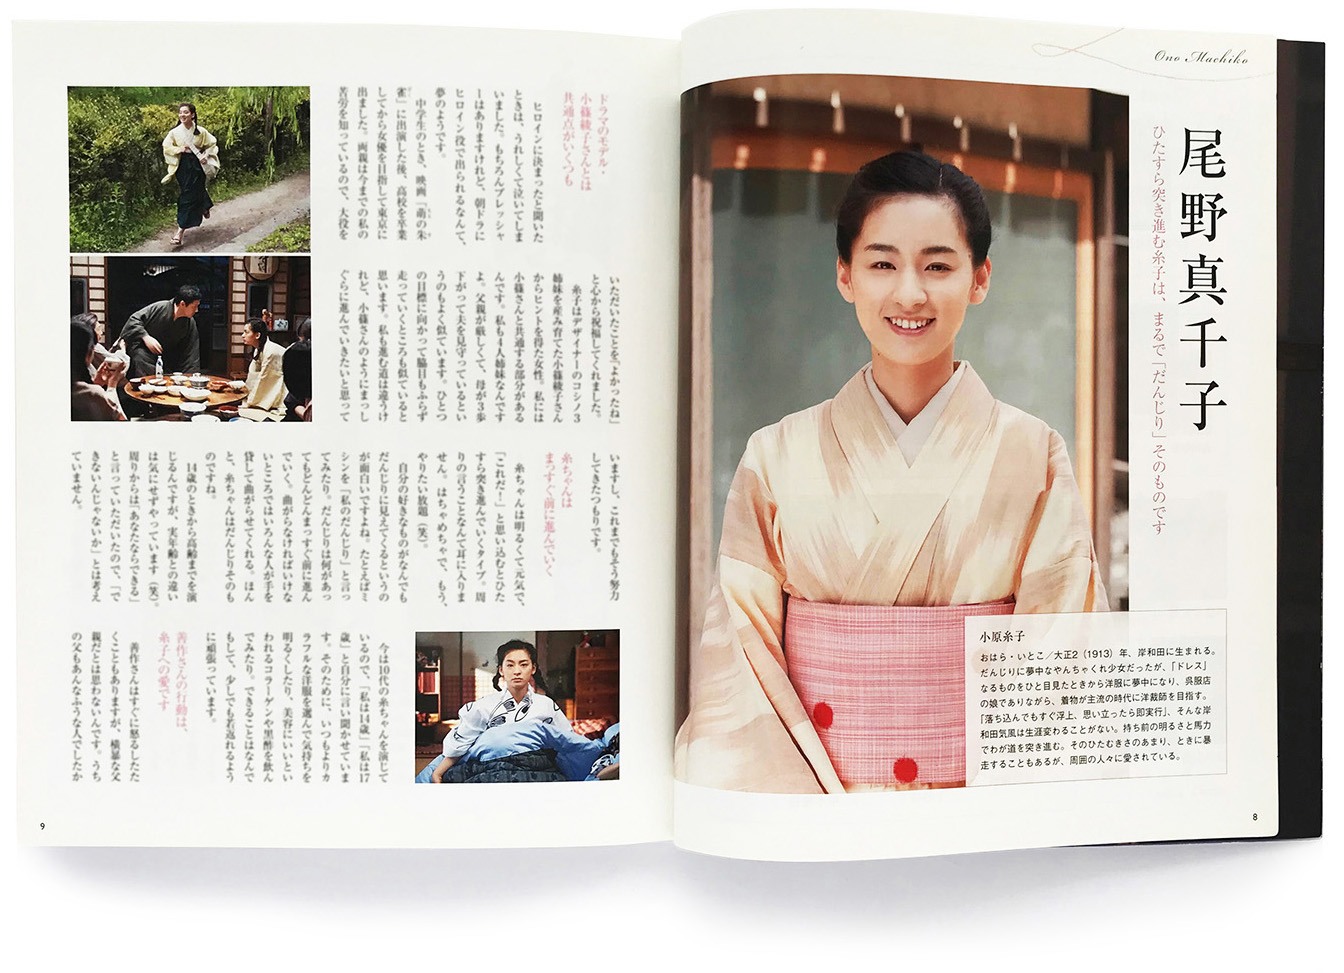 NHKドラマ・ガイド『連続テレビ小説 カーネーション』